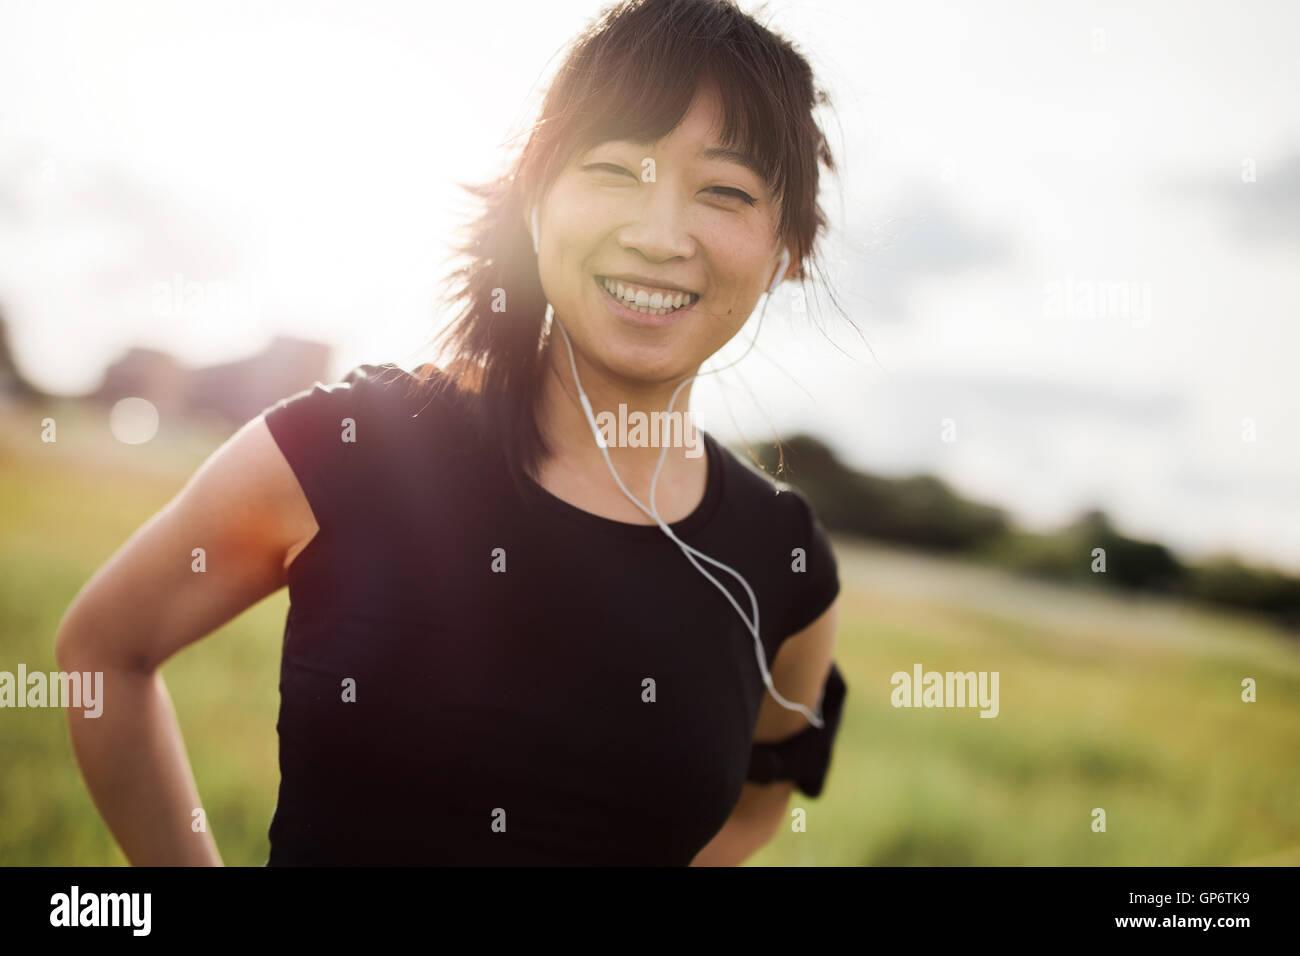 Porträt von glücklich weibliche laufen im Freien stehen und Lächeln in die Kamera. Chinesische weibliches Stockbild